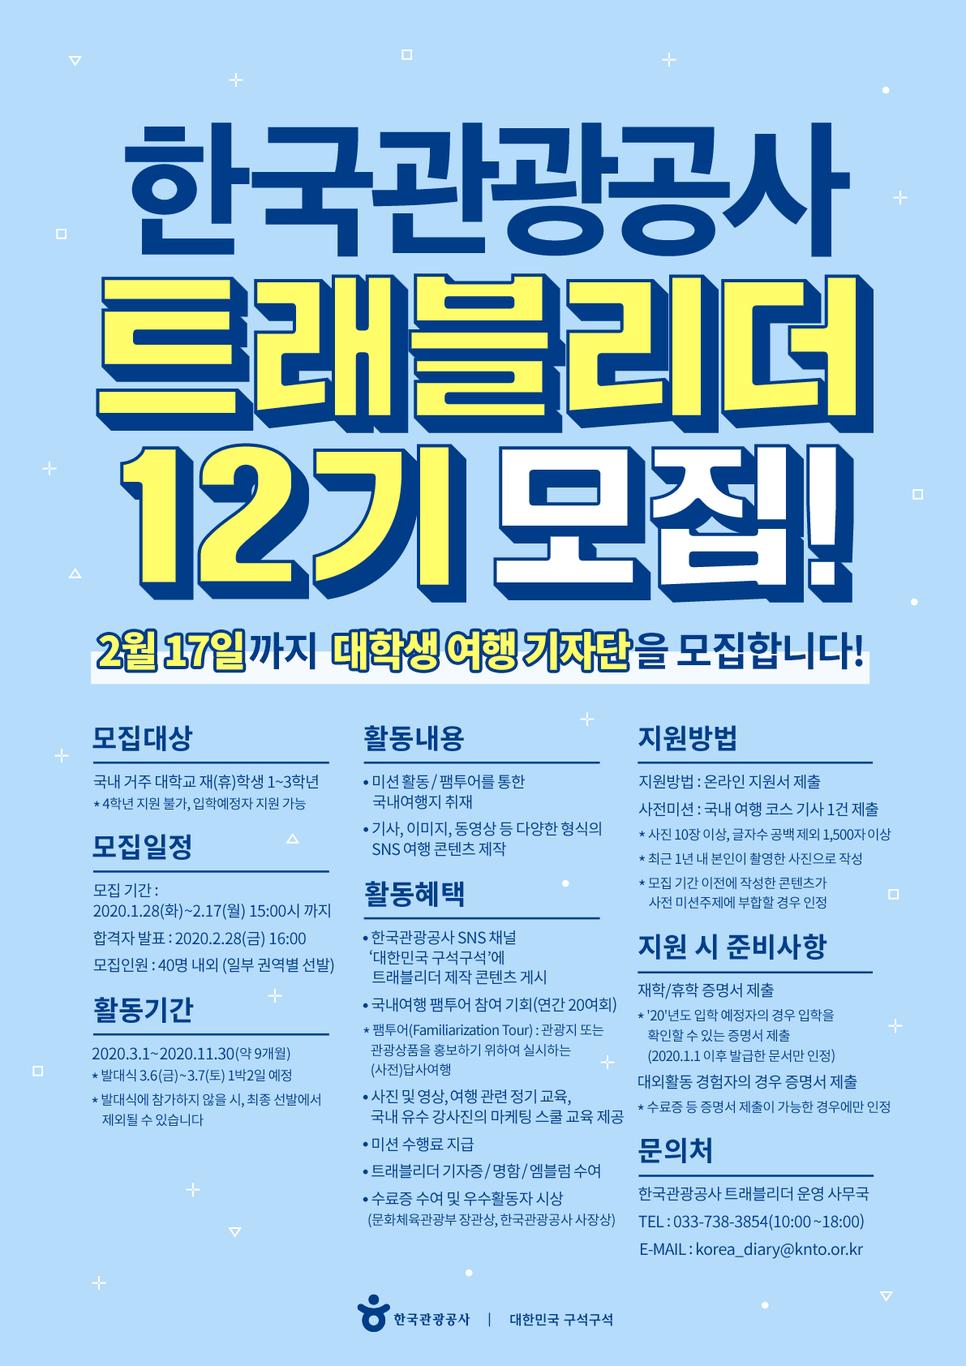 한국관광공사 트래블리더 12기 모집